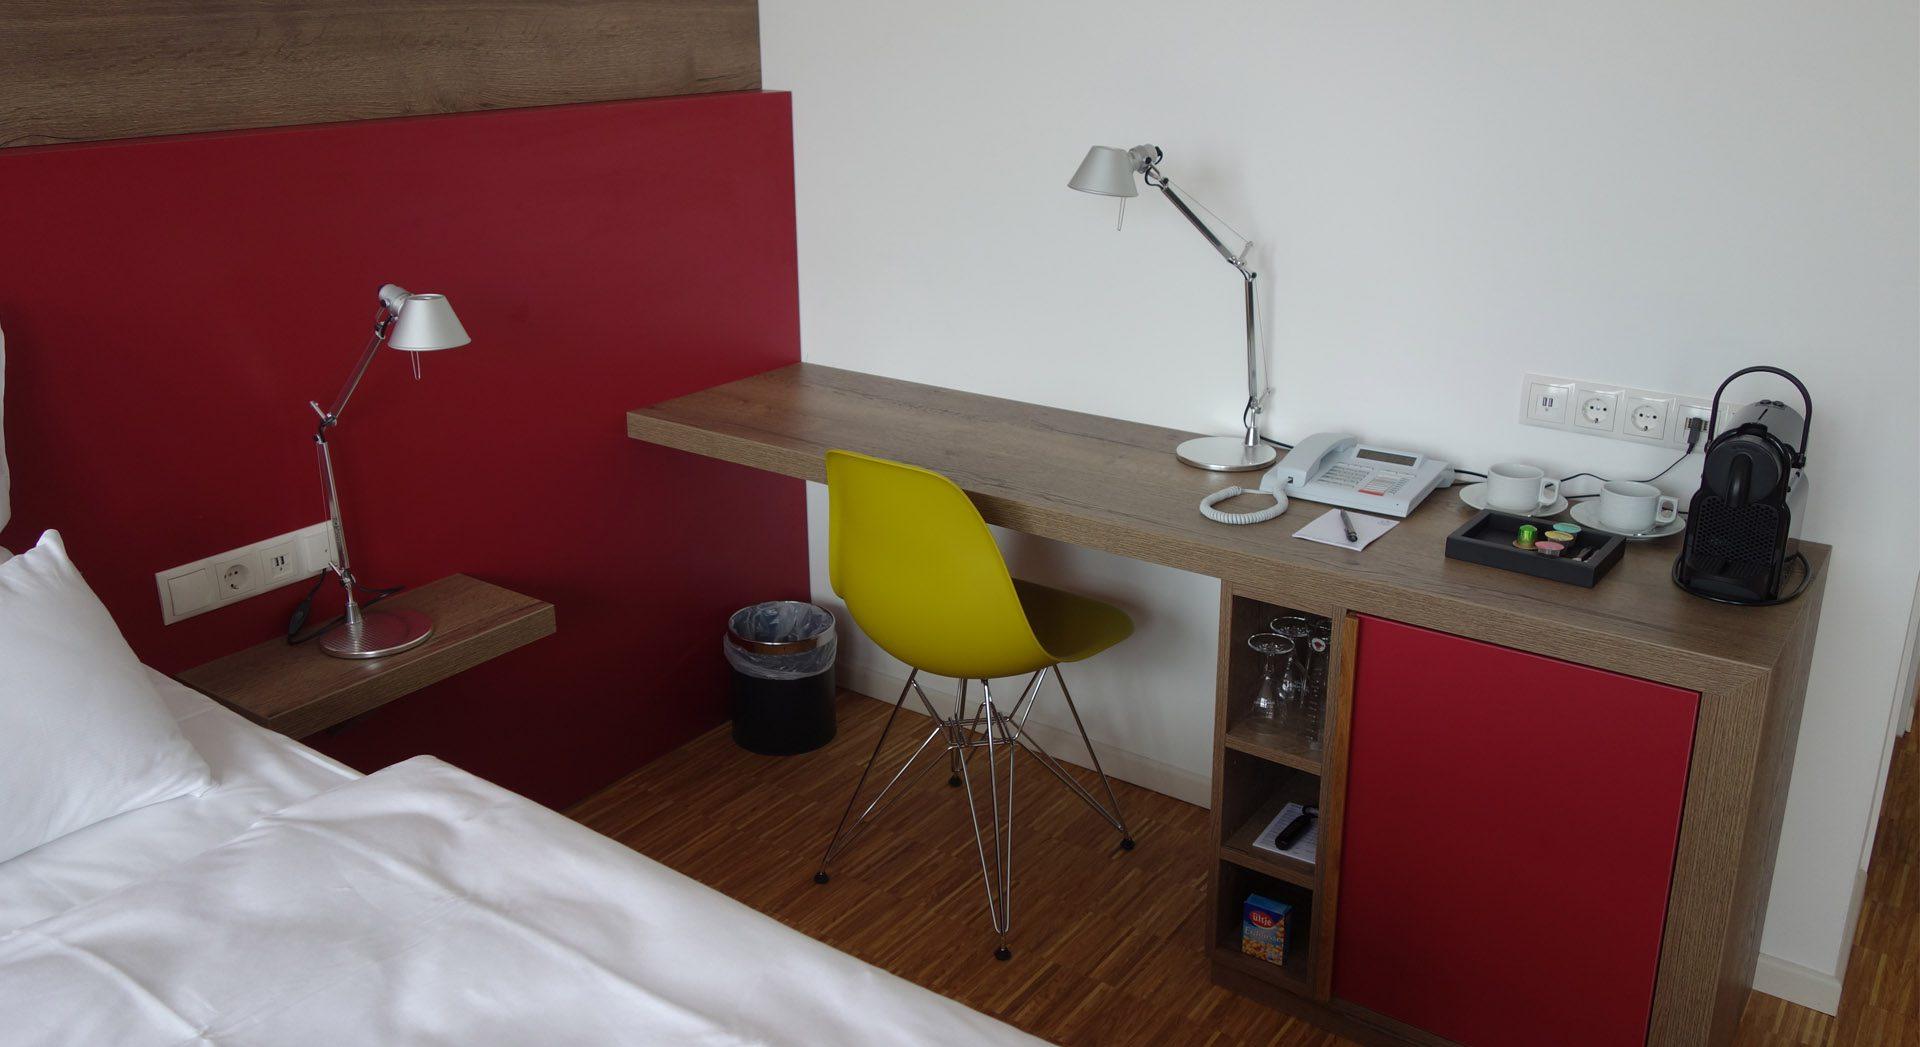 Gewerbearchitektur; Hotel Alte Werft, Hotelzimmer; Innenarchitektur; Hotel Papenburg; Möbeldesign